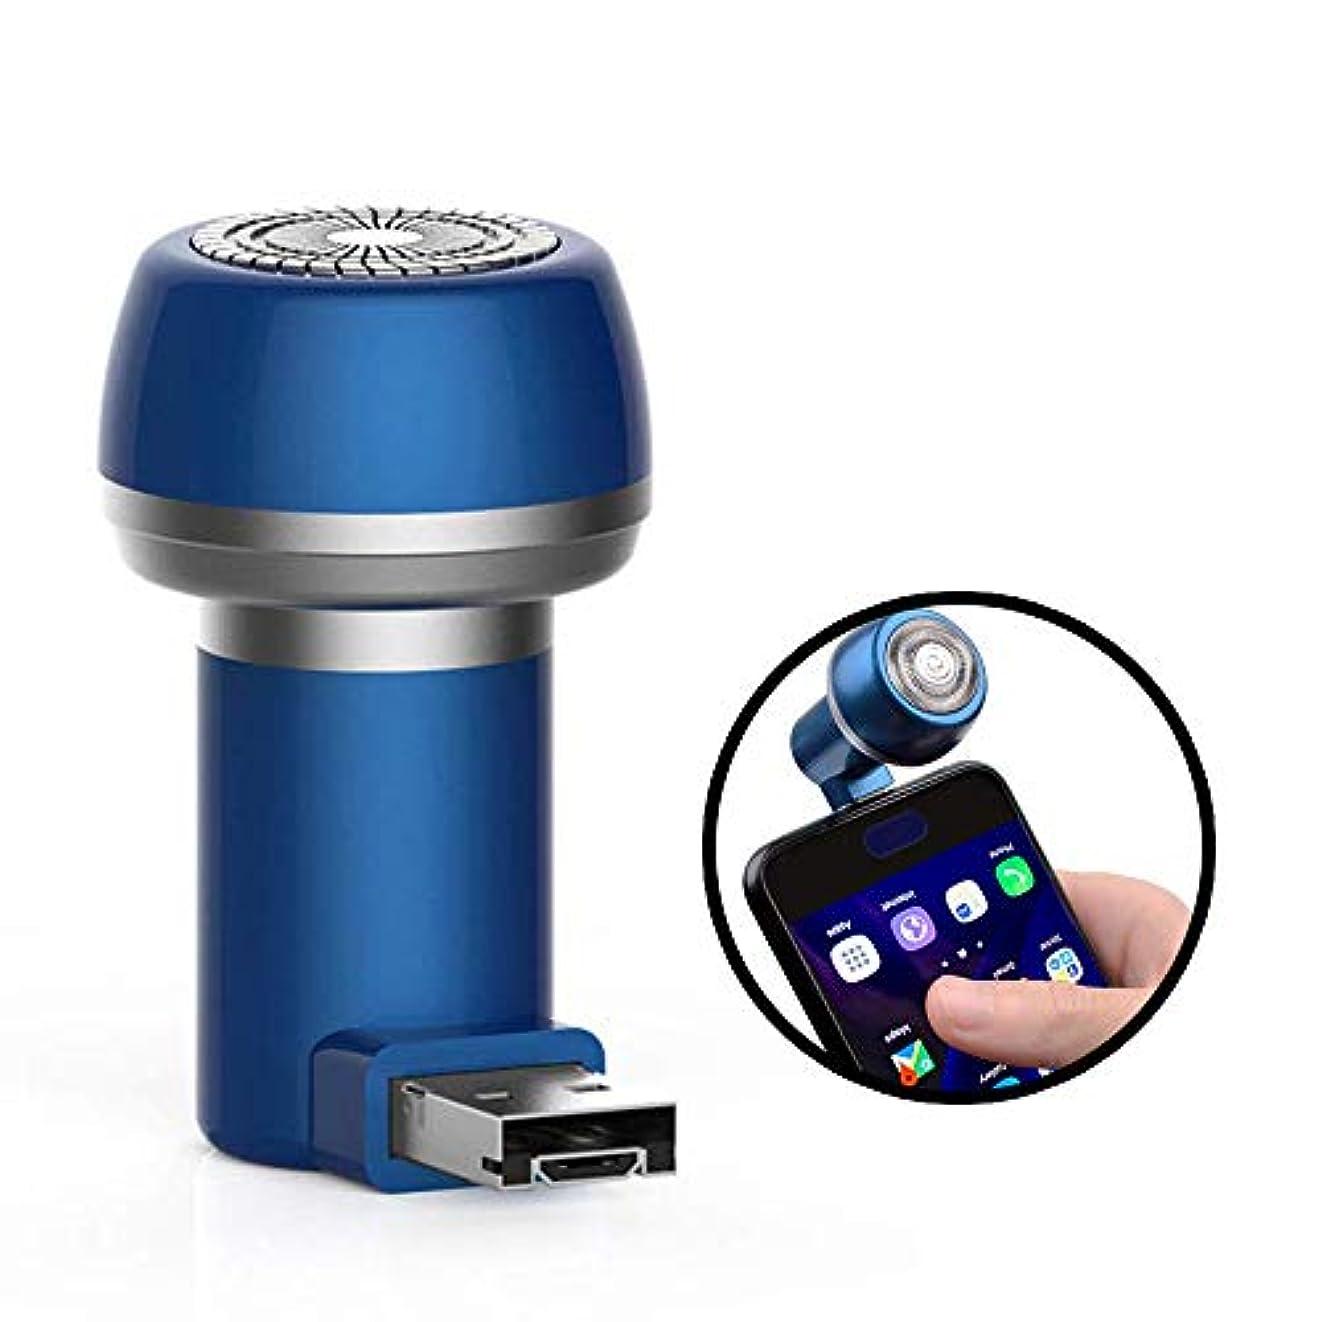 最大化する繰り返した探すseiyishi 電動シェーバー 髭剃り ポータブル ひげ剃り USB電源 スマホ Android 携帯 シェーバー SY-TXD-028 (ブルー)